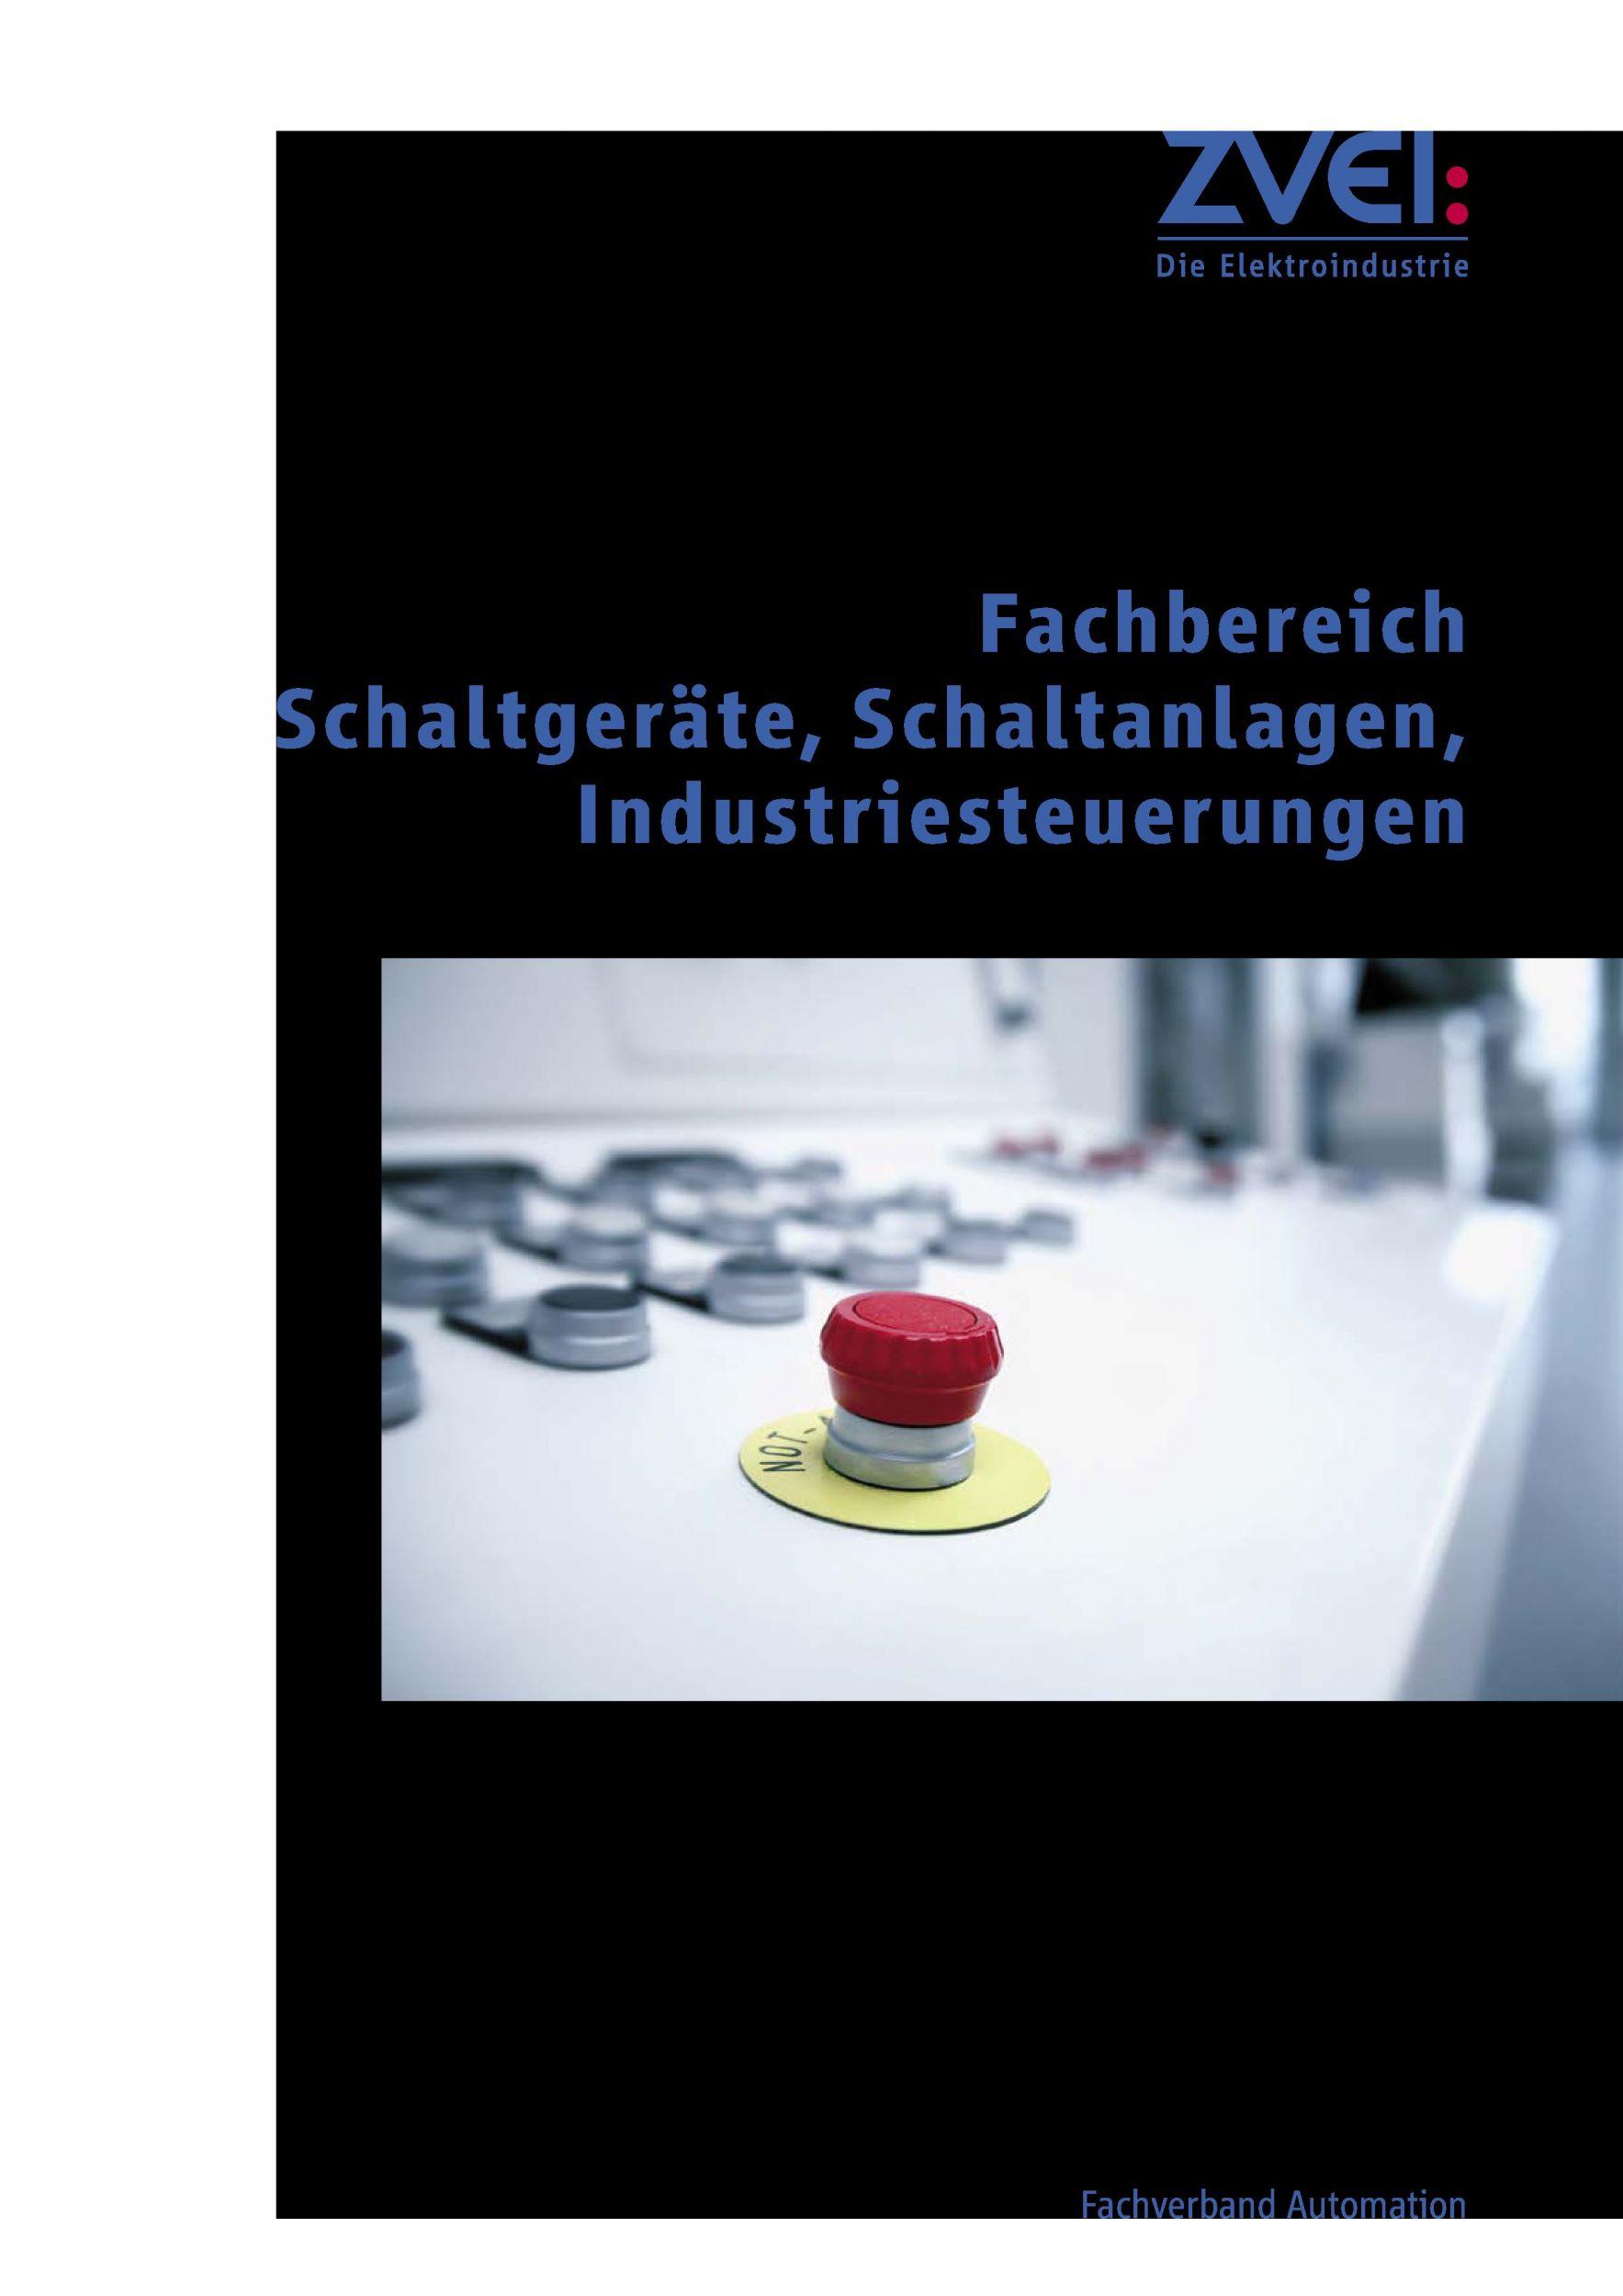 Broschüre Schaltgeräte, Schaltanlagen, Industriesteuerungen